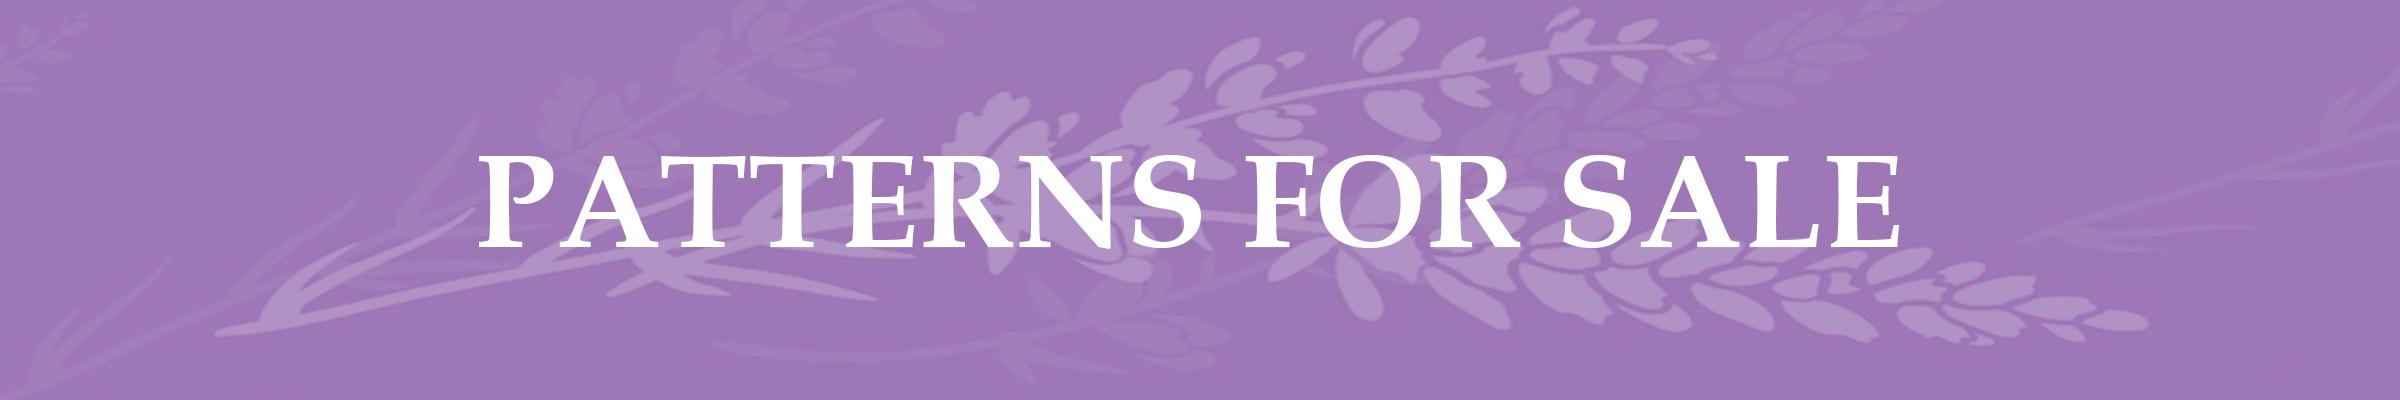 Lavender Page Header Patterns for Sale